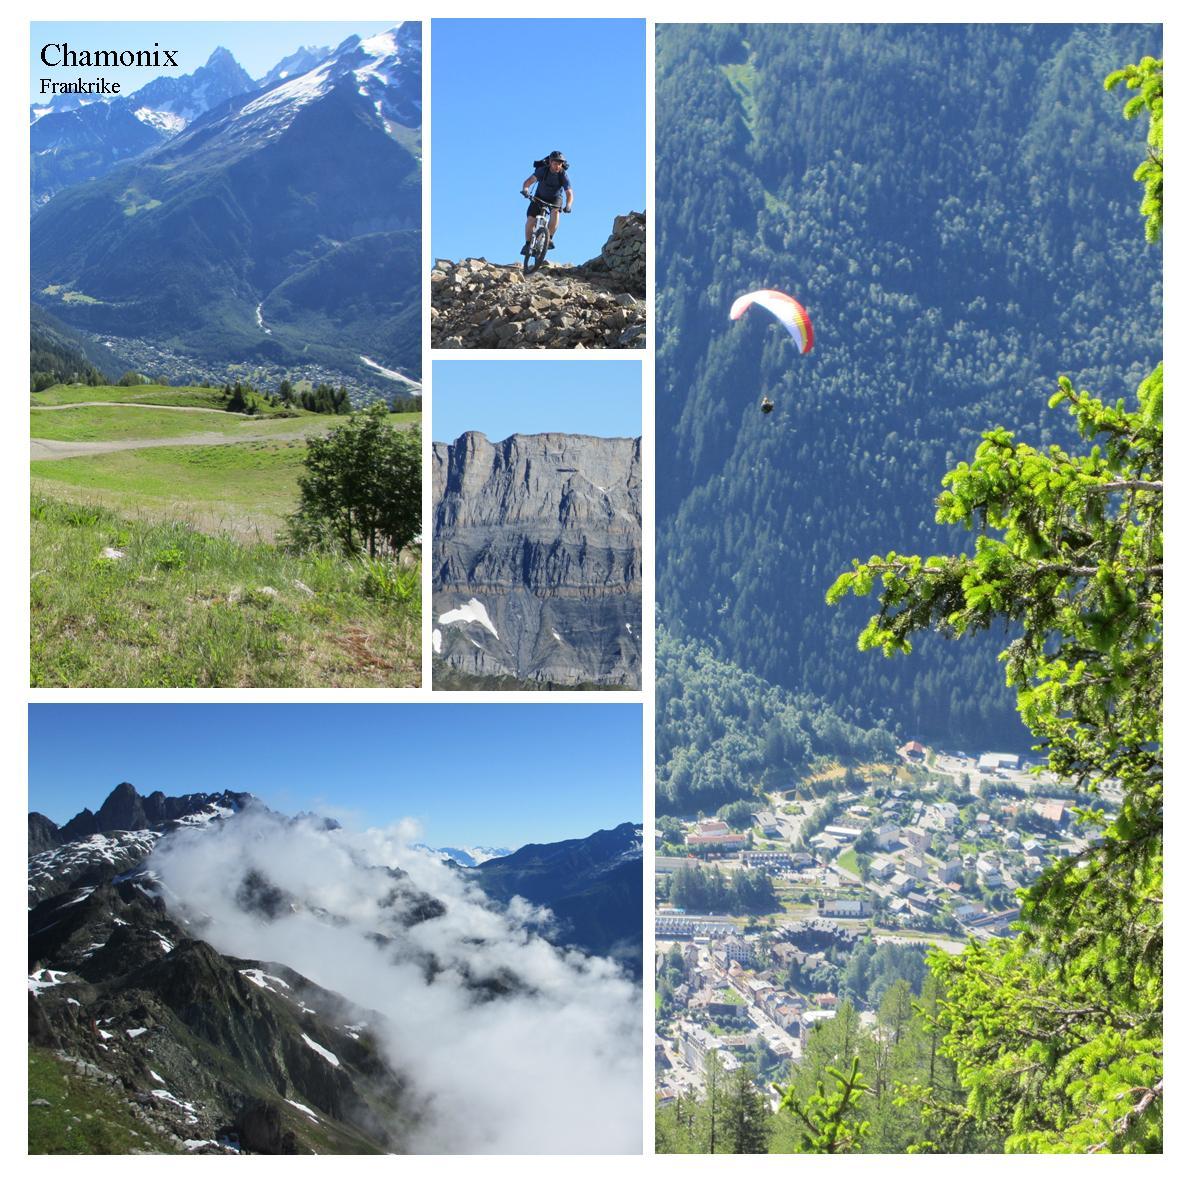 Sommer i Chamonix med høye fjell